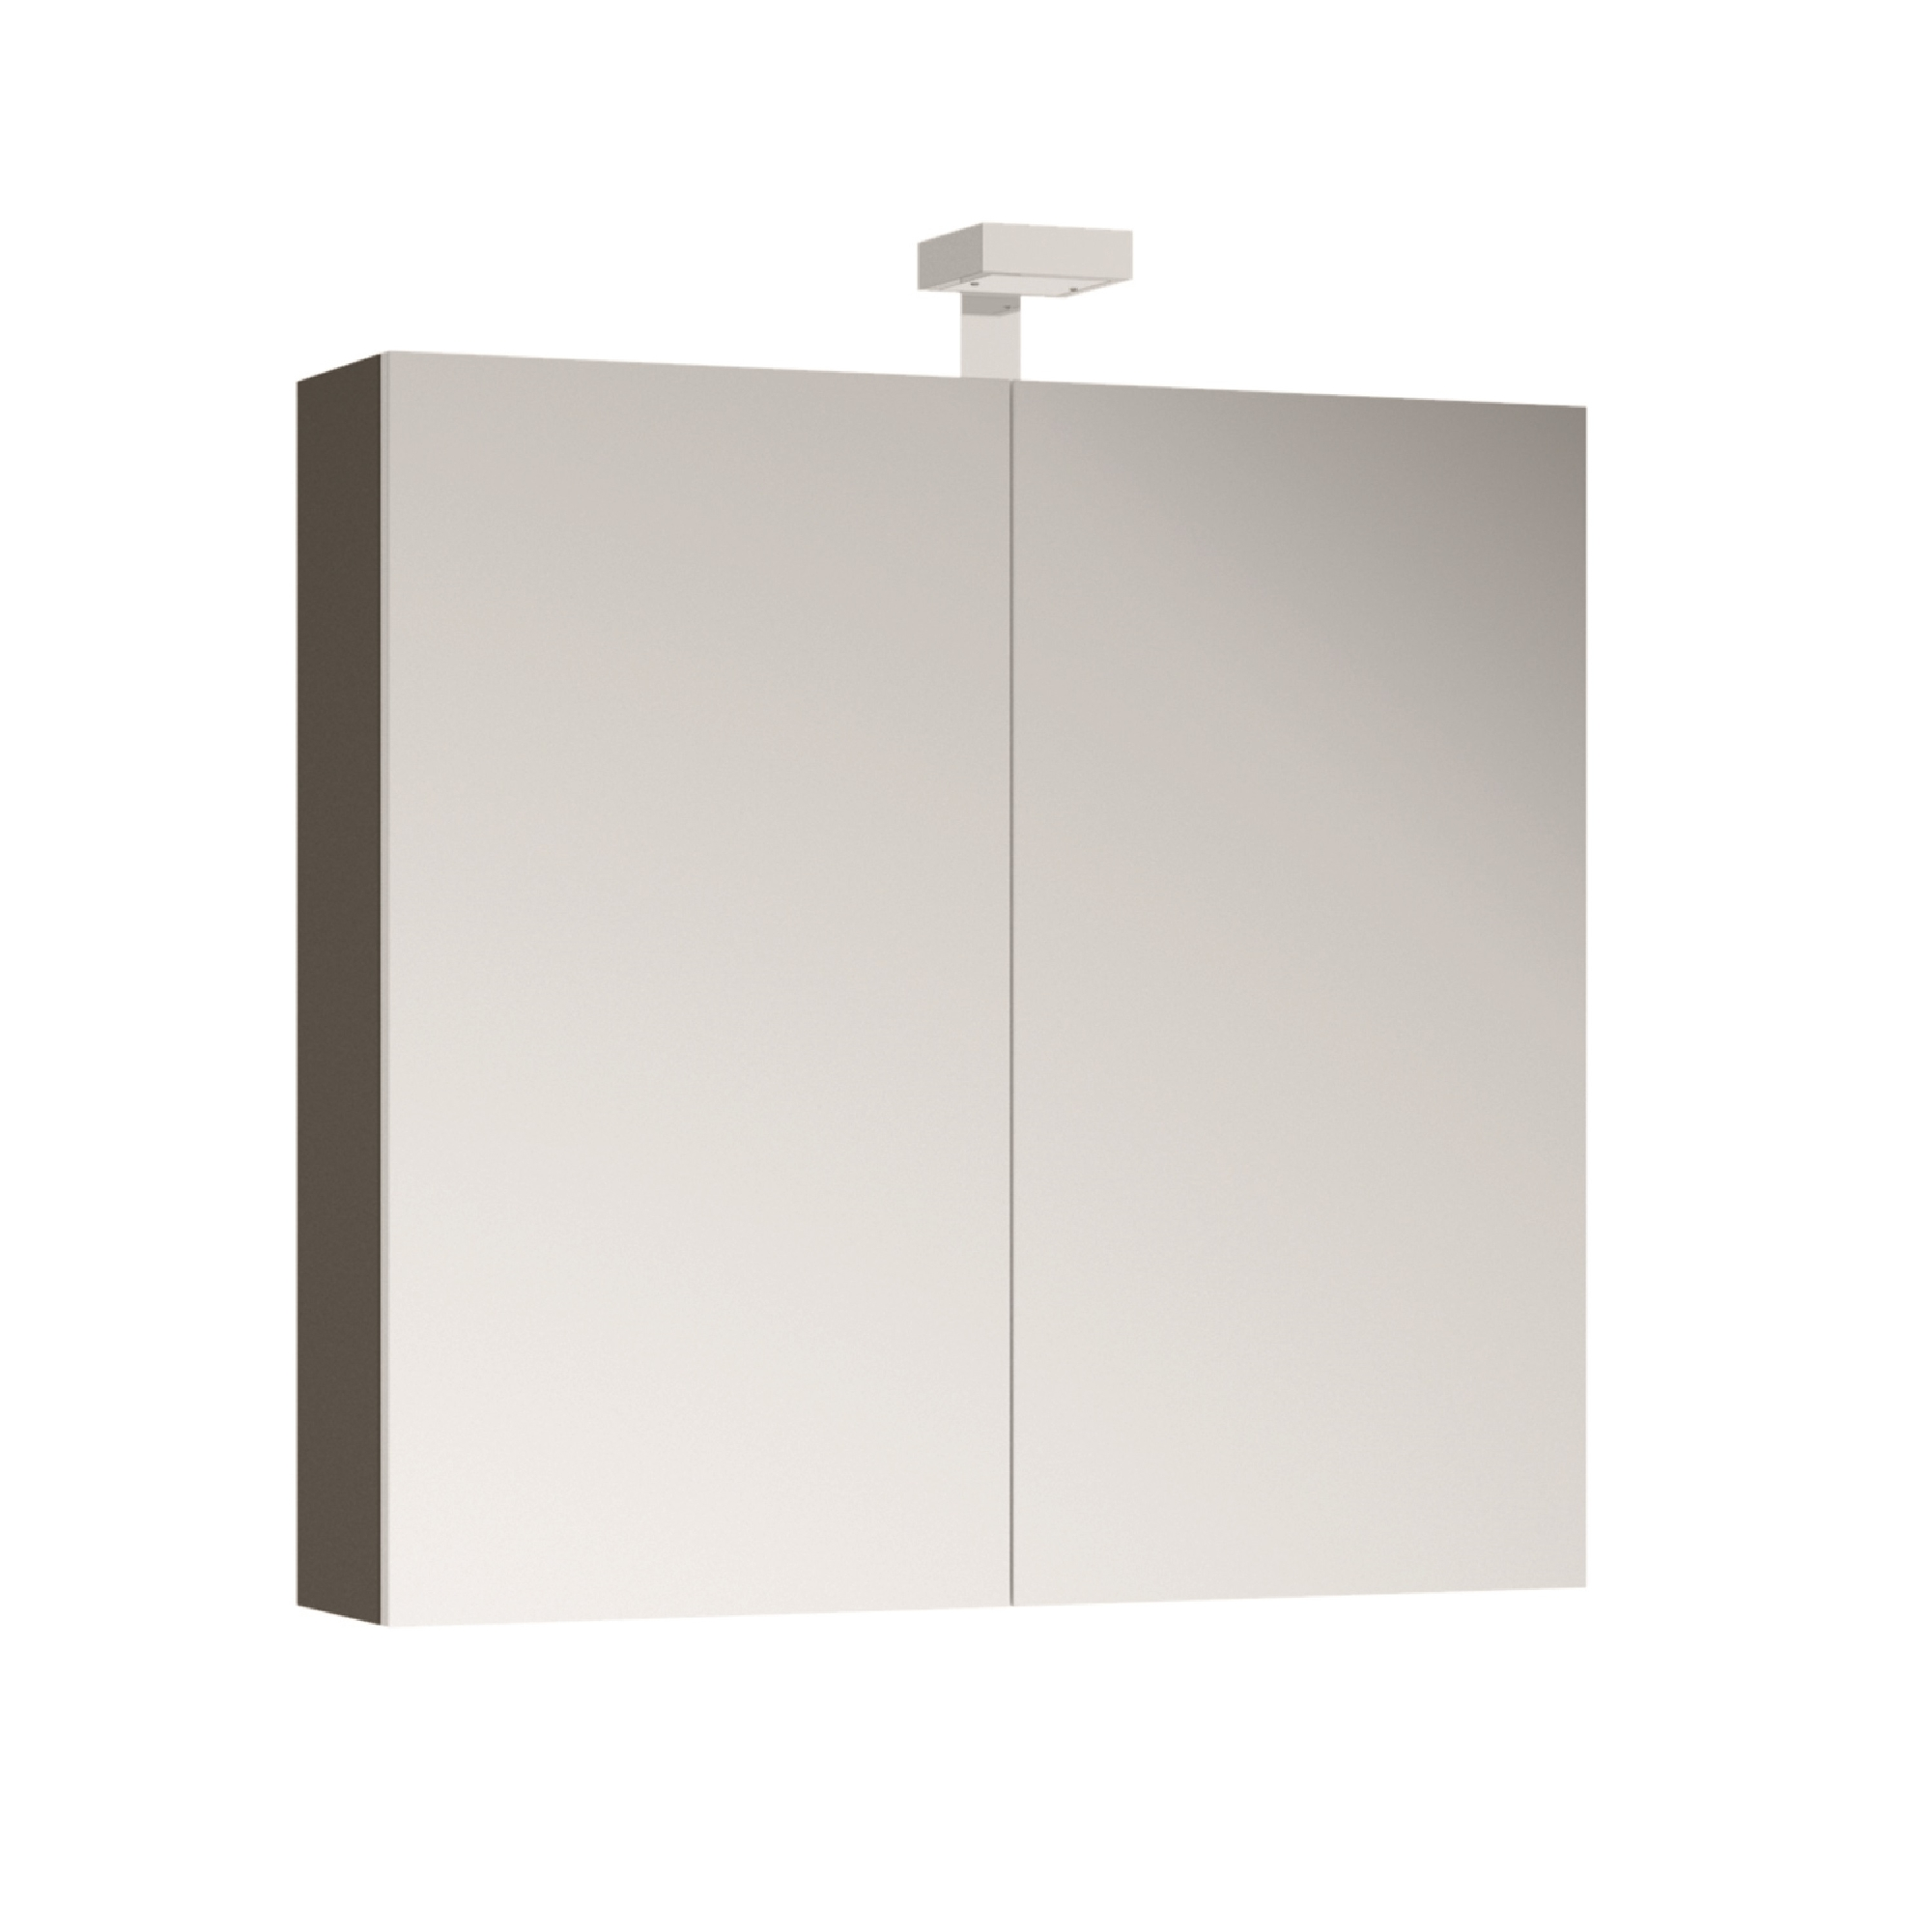 ALLIBERT Spiegelschrank Spiegel Badmöbel vormontiert grau Glanz 80 cm LED